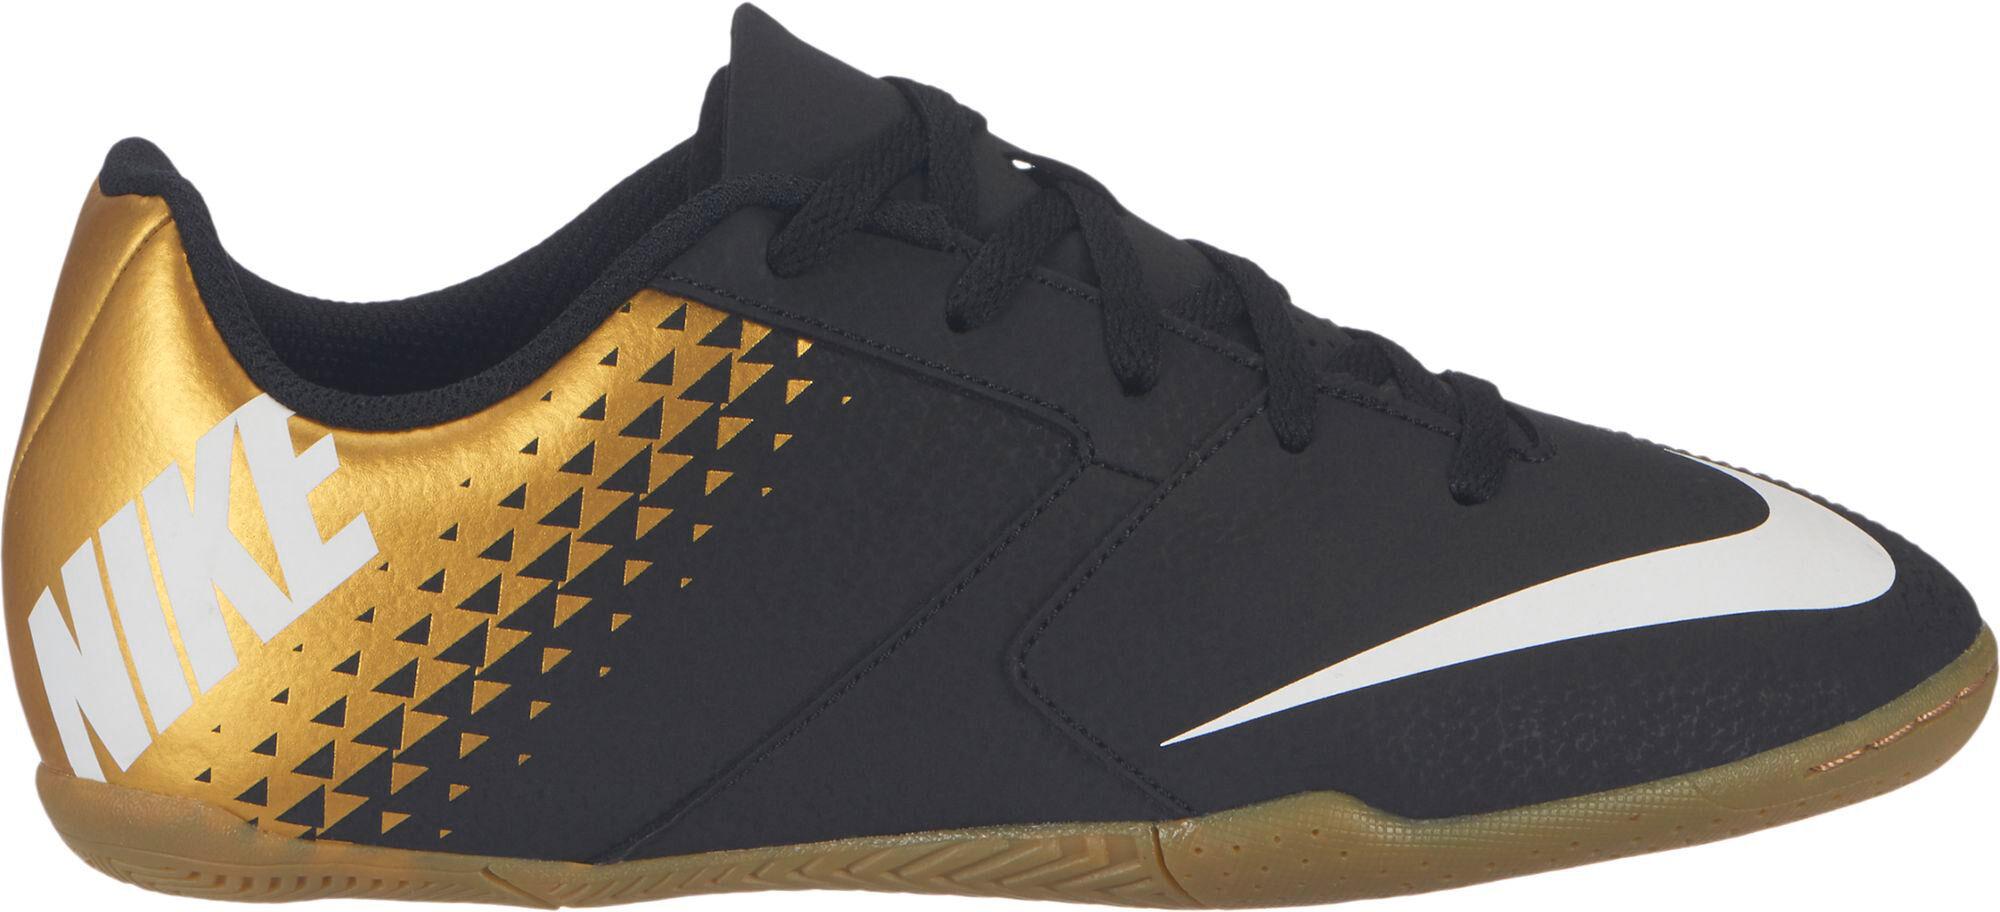 Zapatos Futbol Sala Talla Nike Mercurial 38.5 Usados